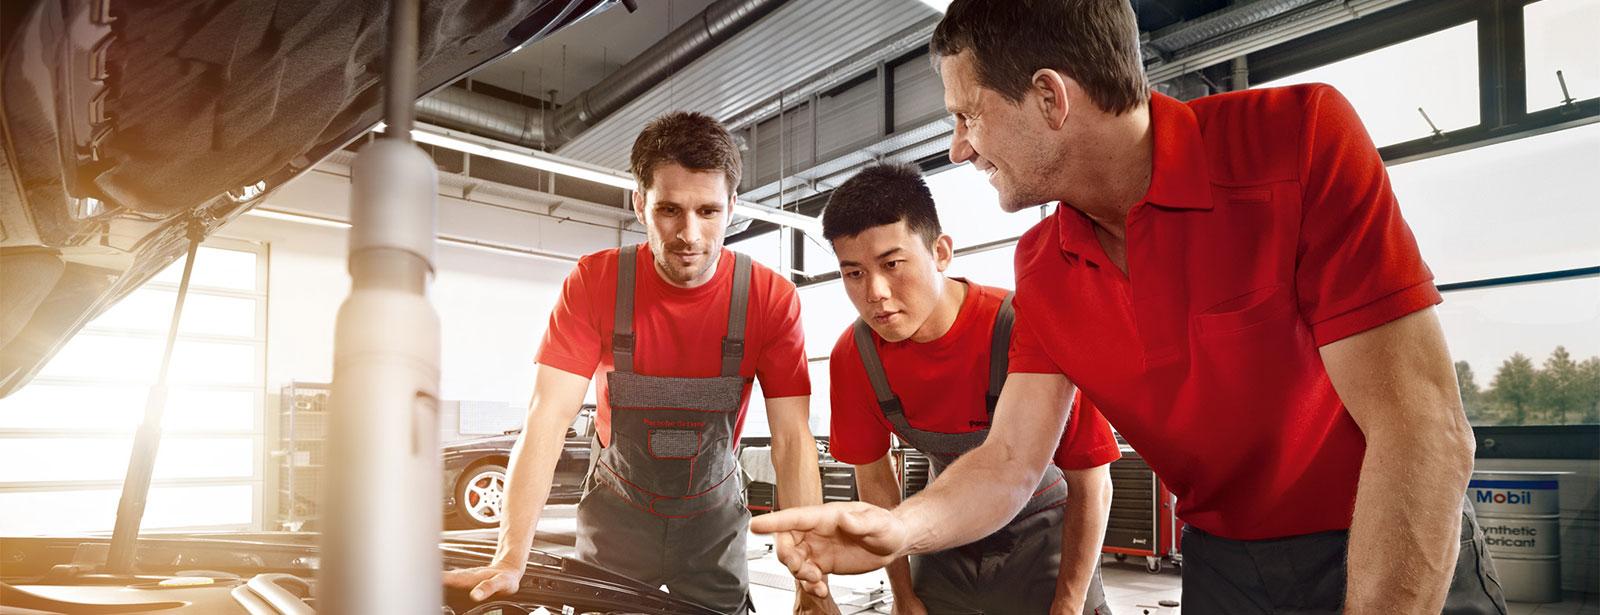 Jobs und Karriere | Leiter Werkstatt (m/w) | Service Techniker (m/w) | Kfz-Mechatronik (m/w)